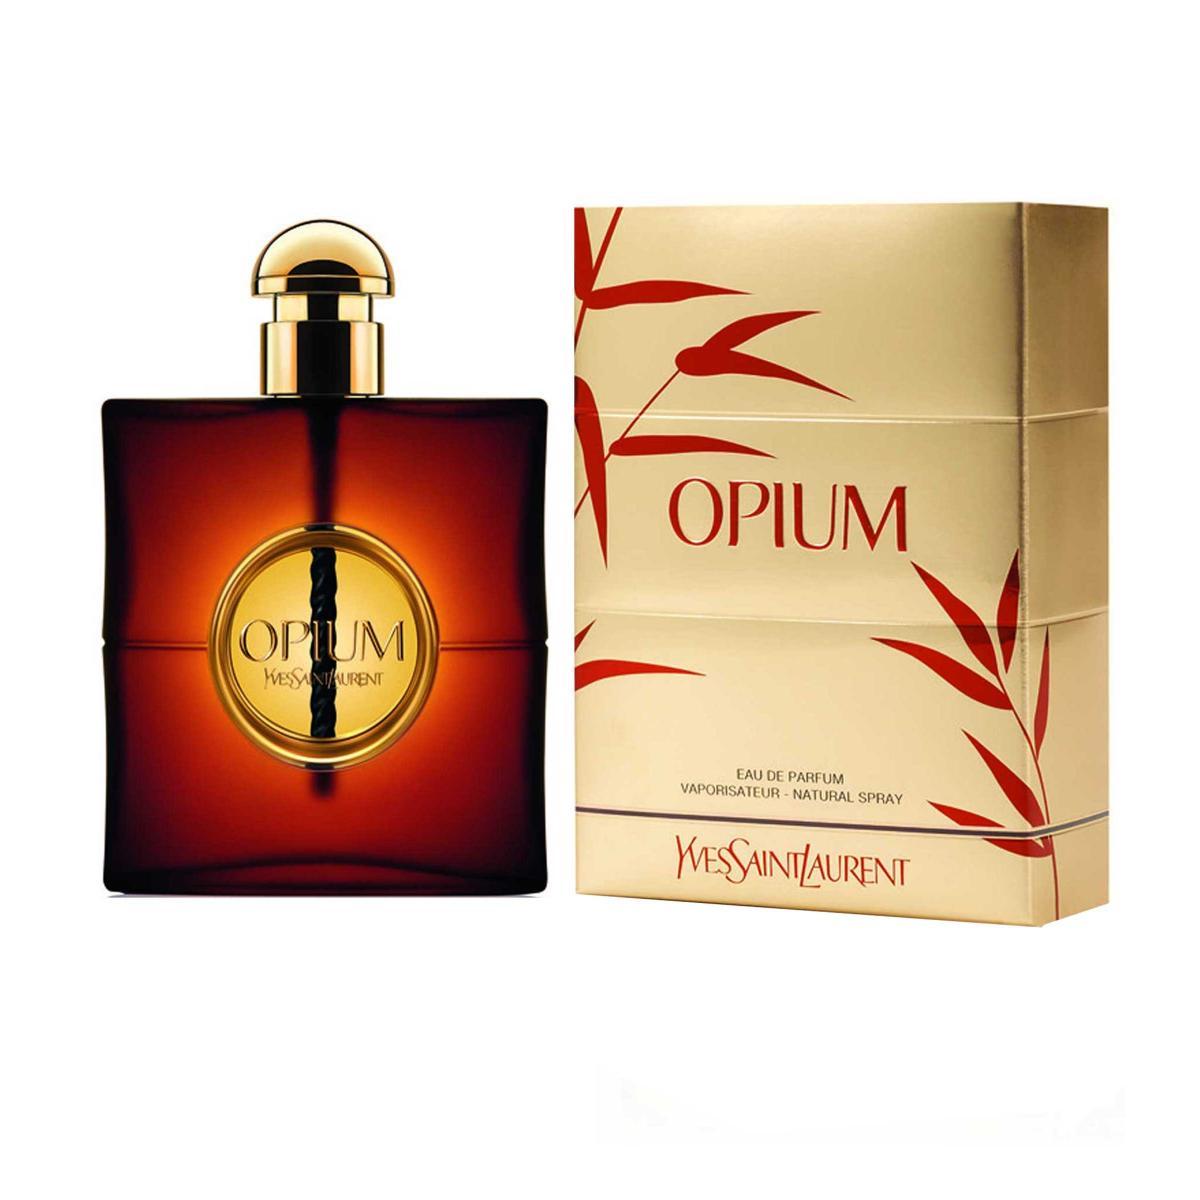 Profumo Opium Yves Saint Laurent Eau de Parfum da donna